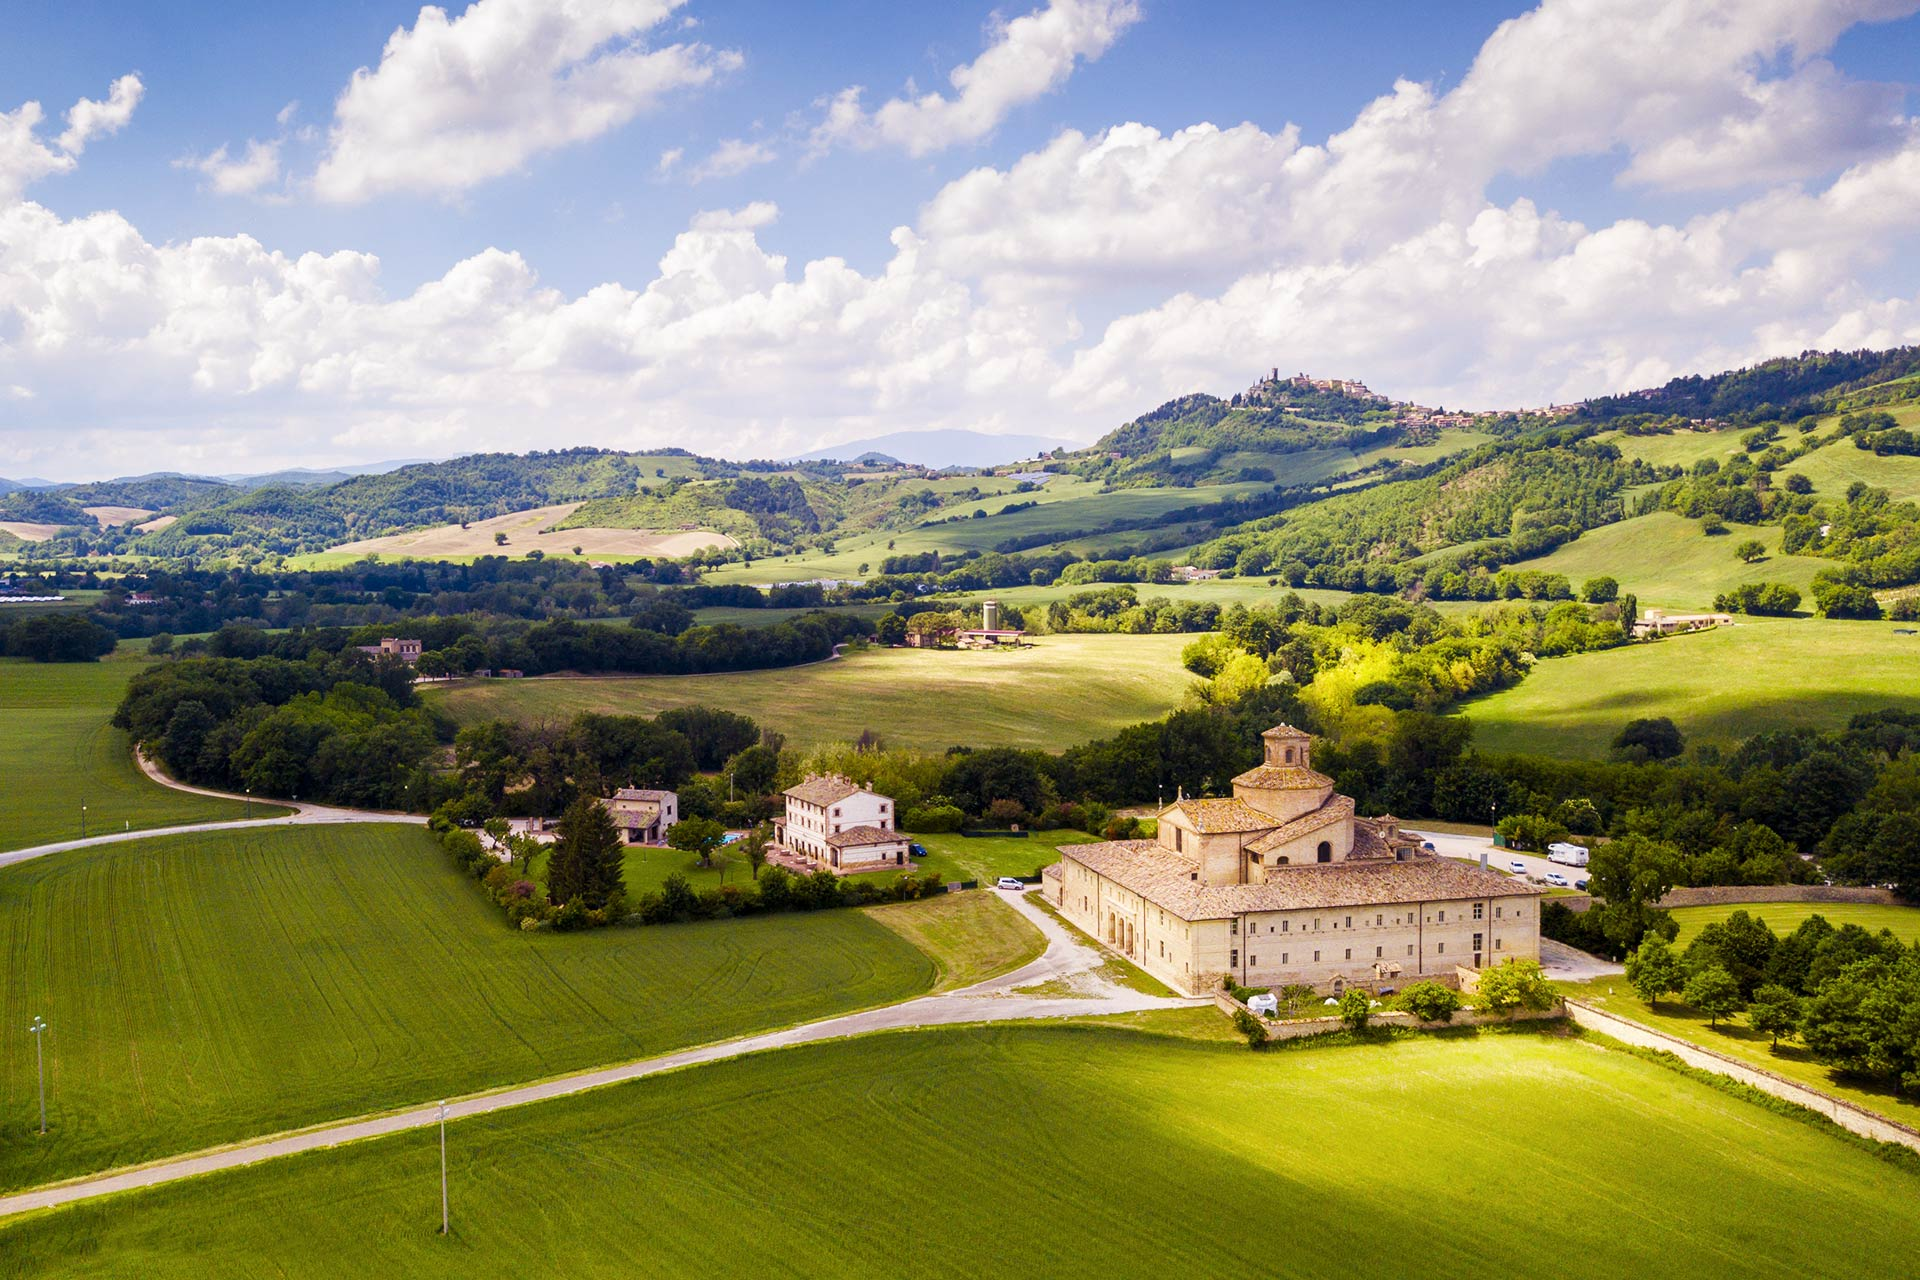 Barco-Ducale-Urbania-Regione-Marche